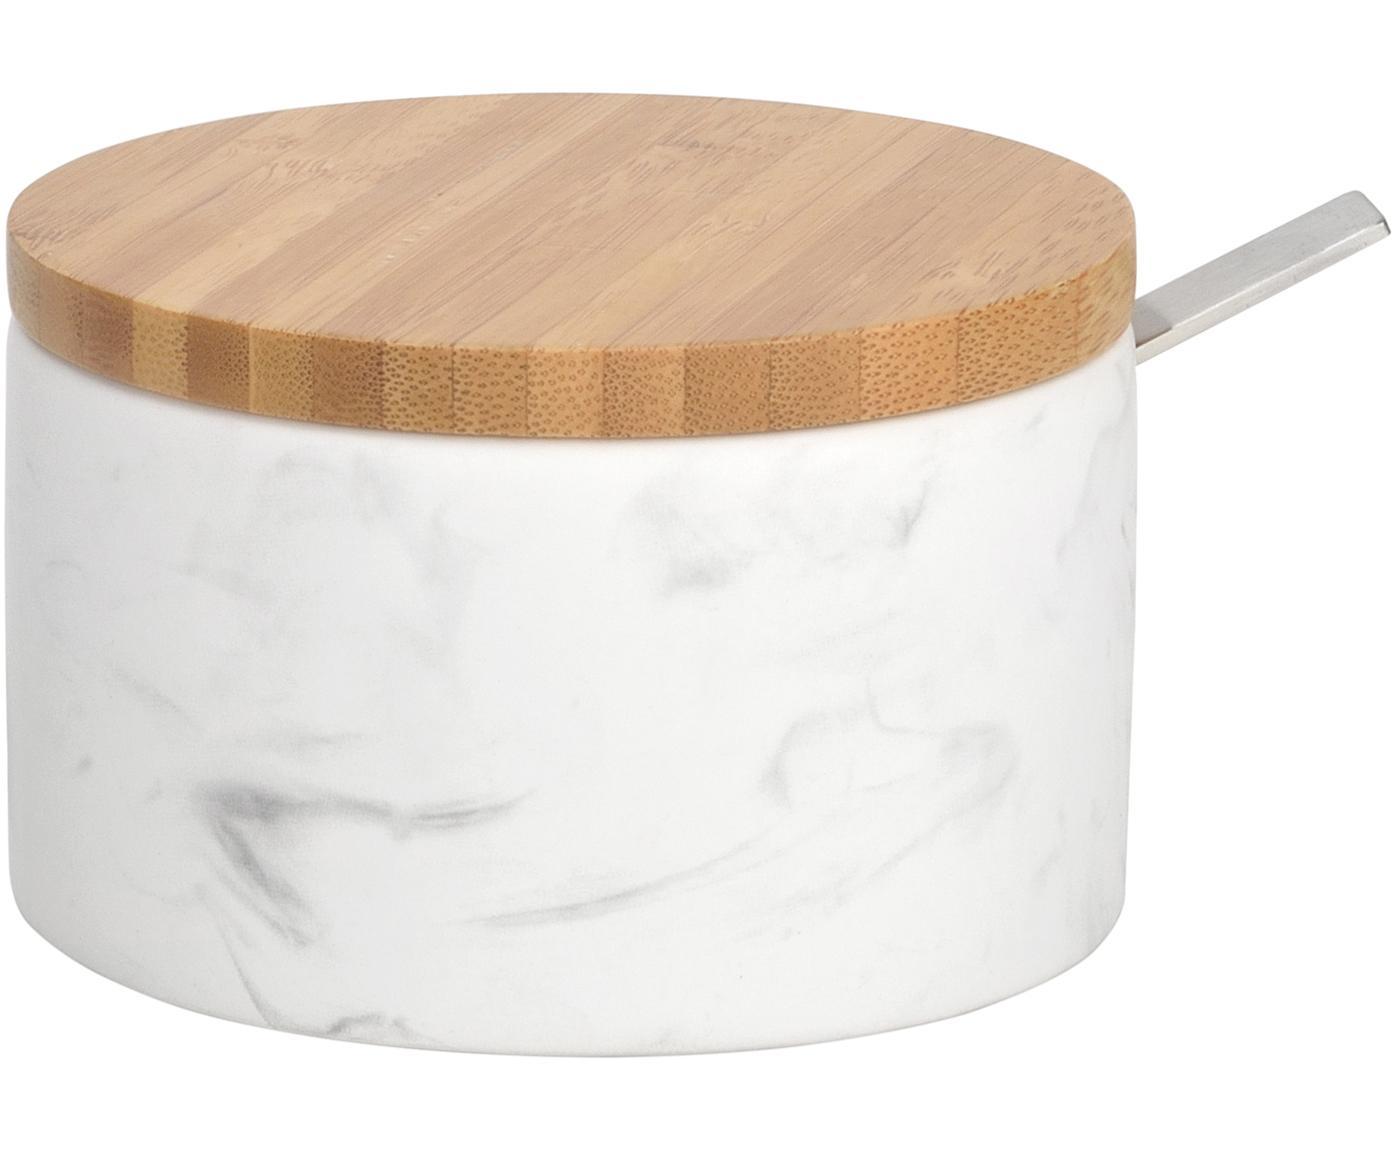 Cukiernica z łyżką Kalina, łyżka: metal, Biały, marmurowy, drewno bambusowe, Ø 13 x W 7 cm